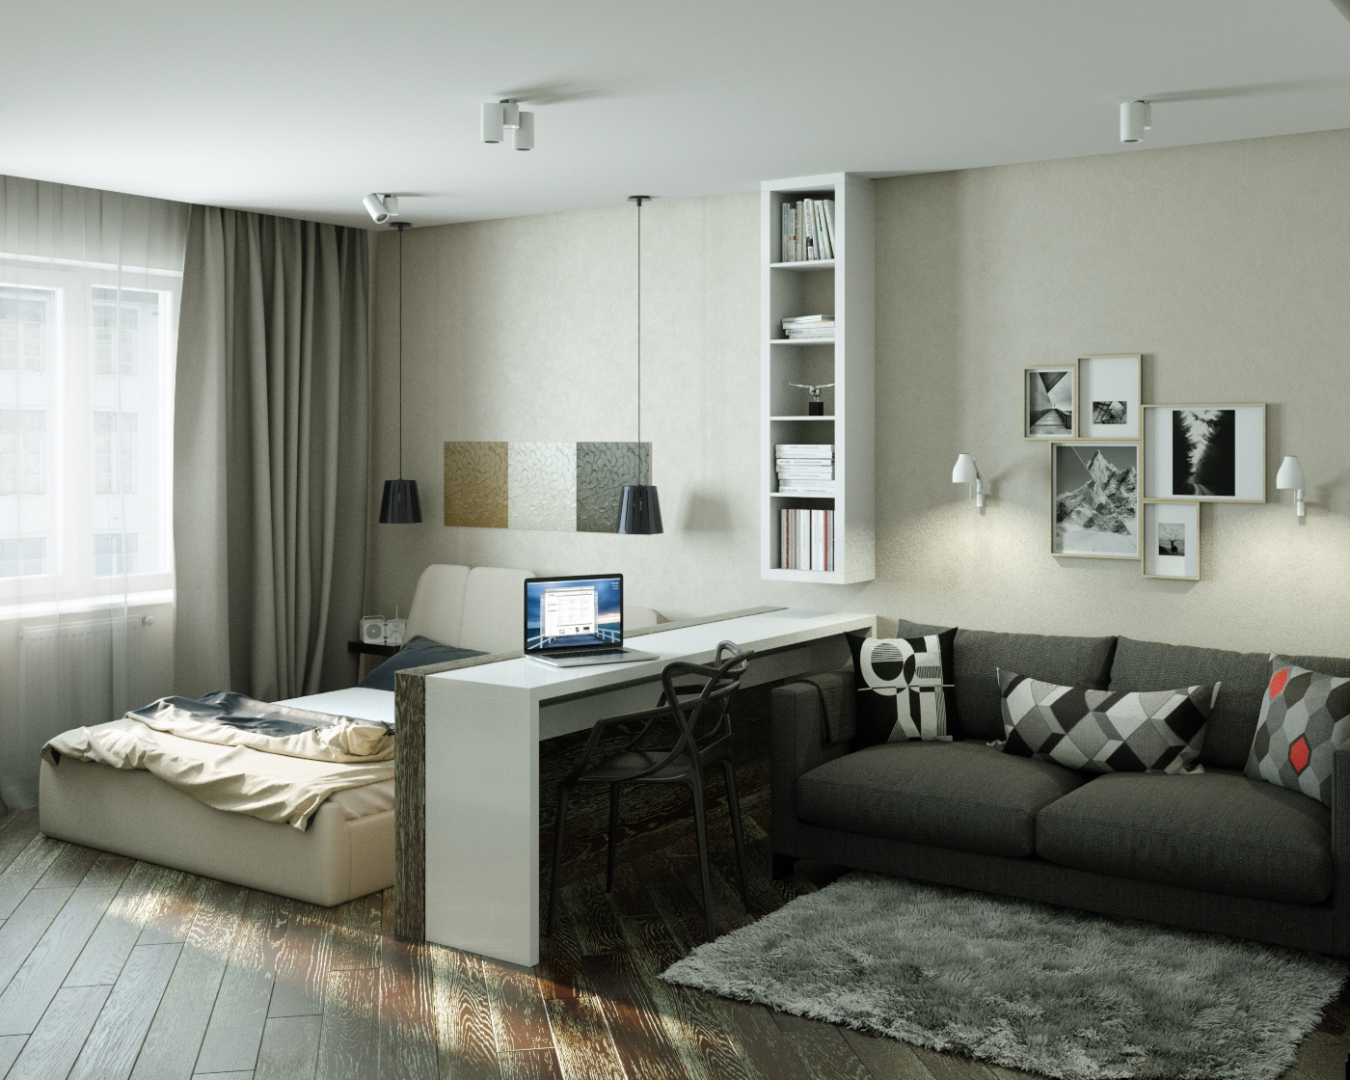 Дизайн-проект однокомнатной квартиры – как правильно распорядится пространством однушки?